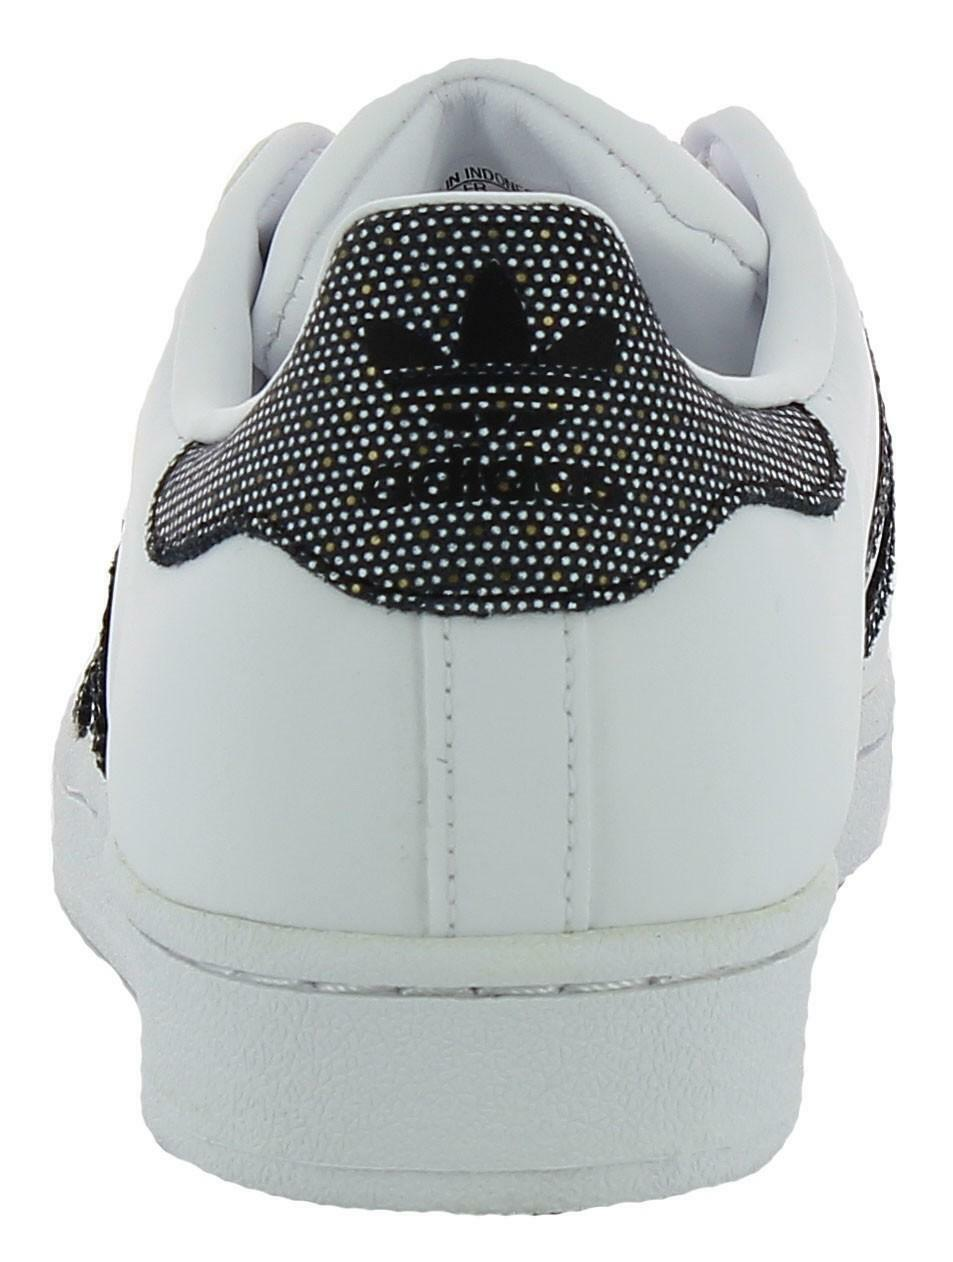 adidas adidas originals superstar w scarpe sportive donna bianche